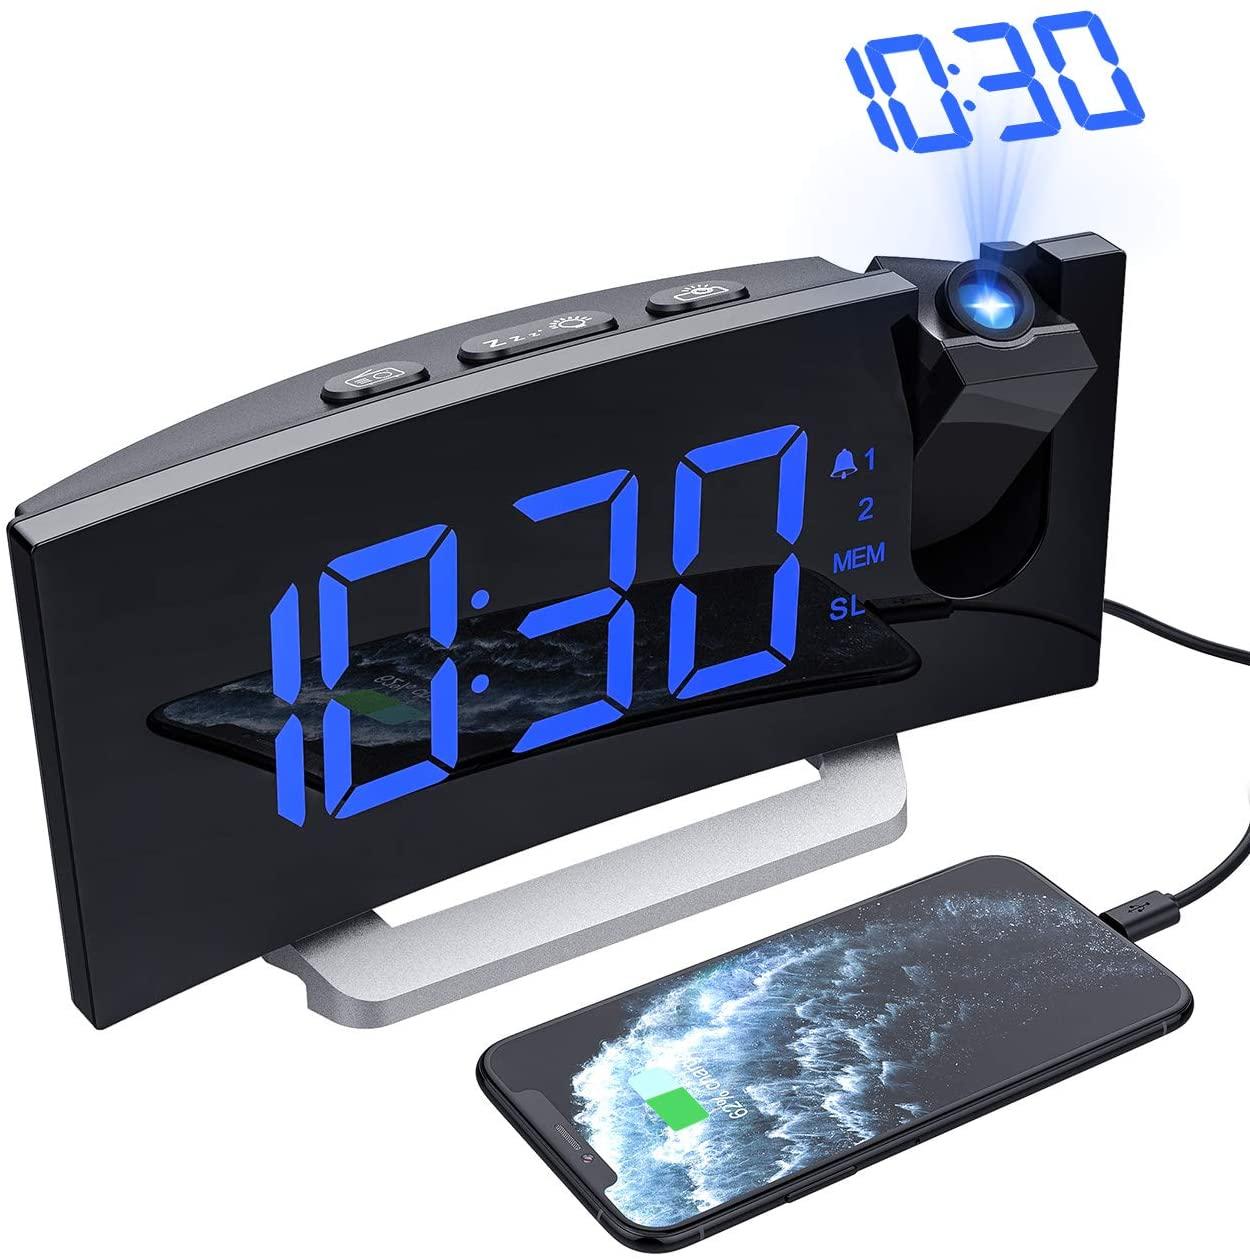 Radiosveglia Digitale Con Proiettore